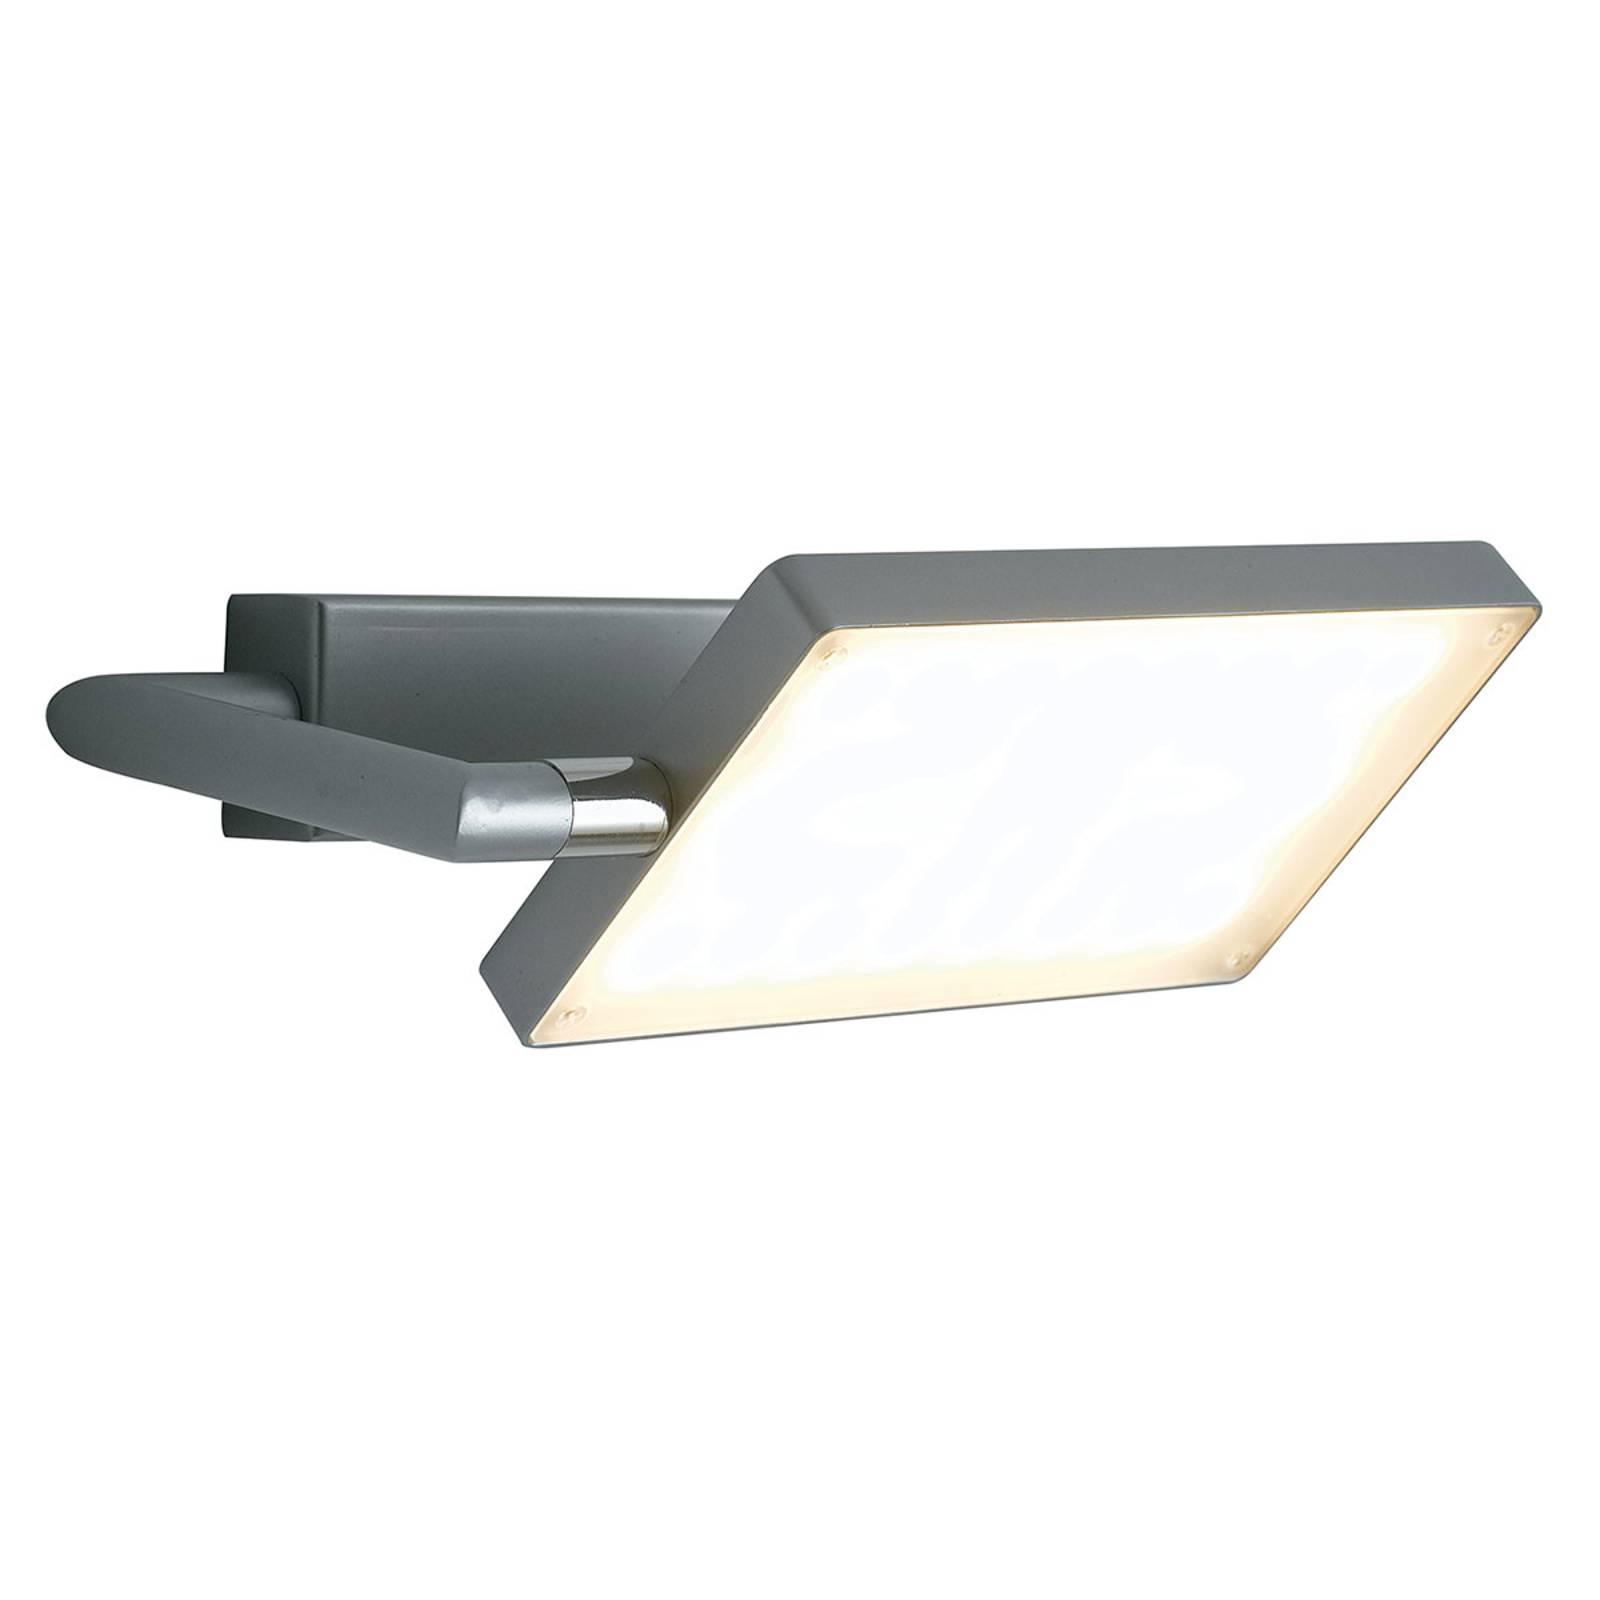 Book-LED-seinävalaisin, harmaa